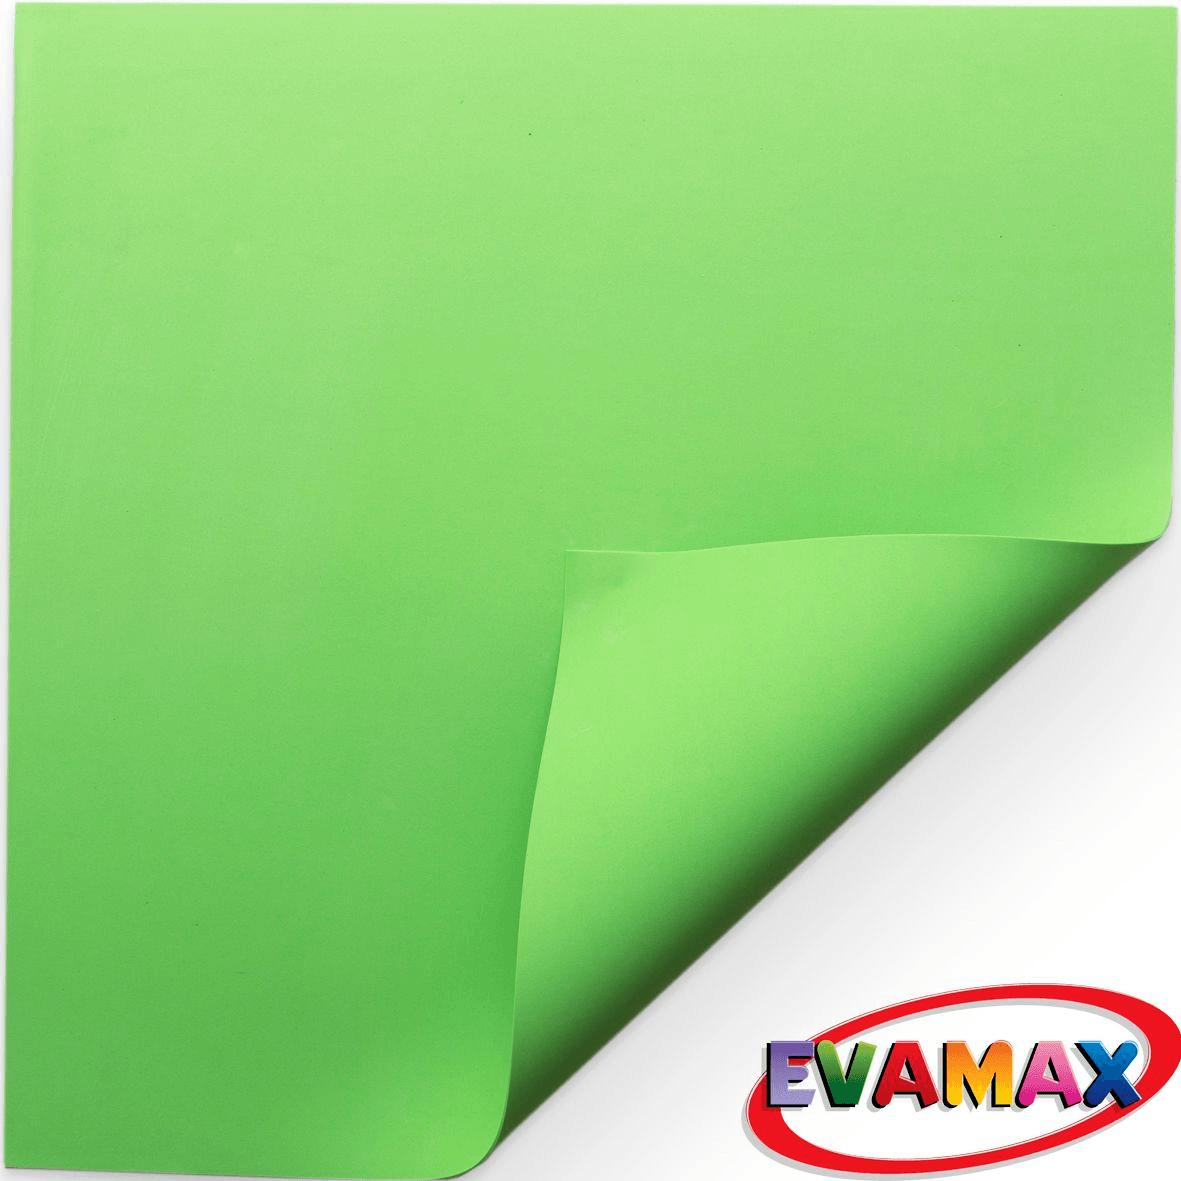 EVA placa Liso 48 X 40 cm - Verde